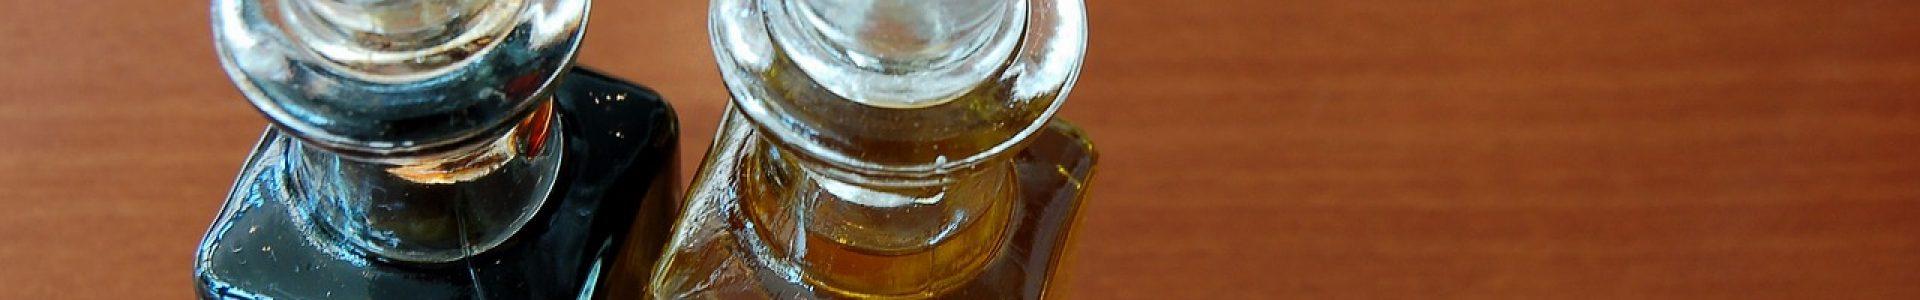 oil, vinegar, table